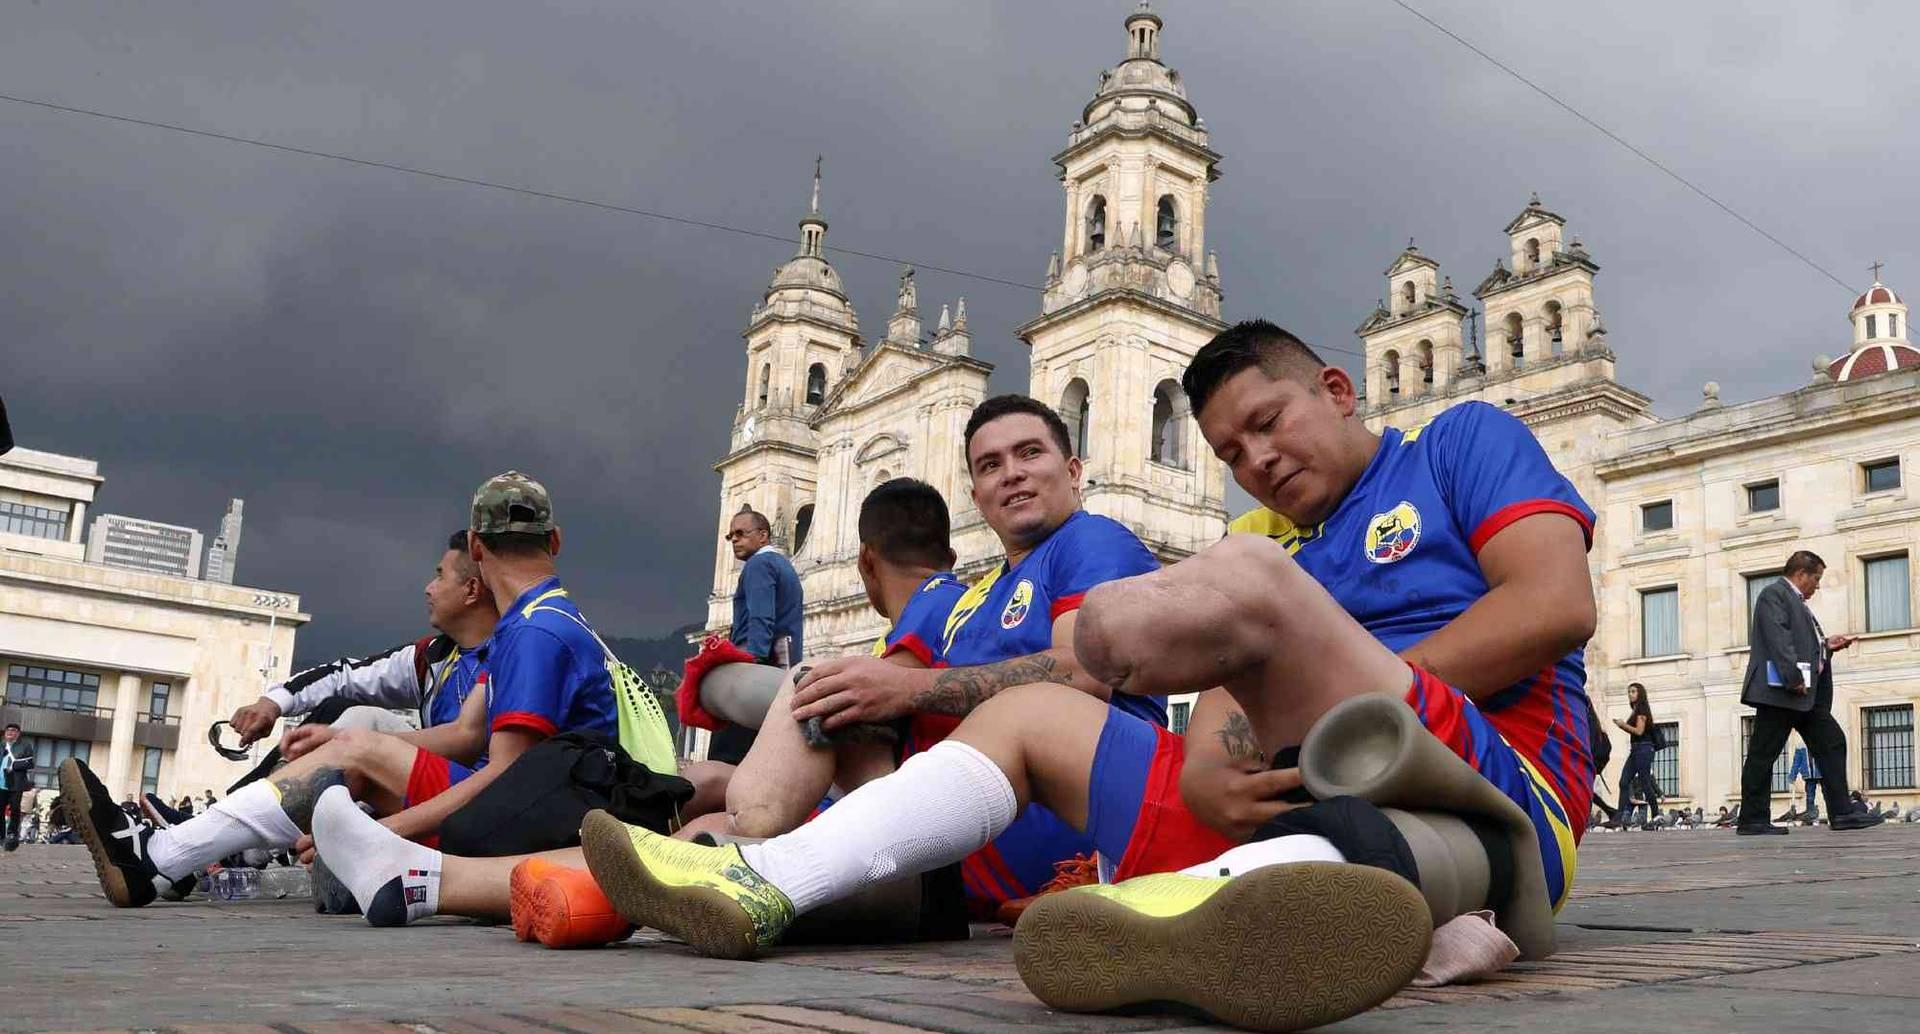 11,735 colombianos han sido víctimas de minas antipersonales desde 1990. FOTO: León Darío Peláez